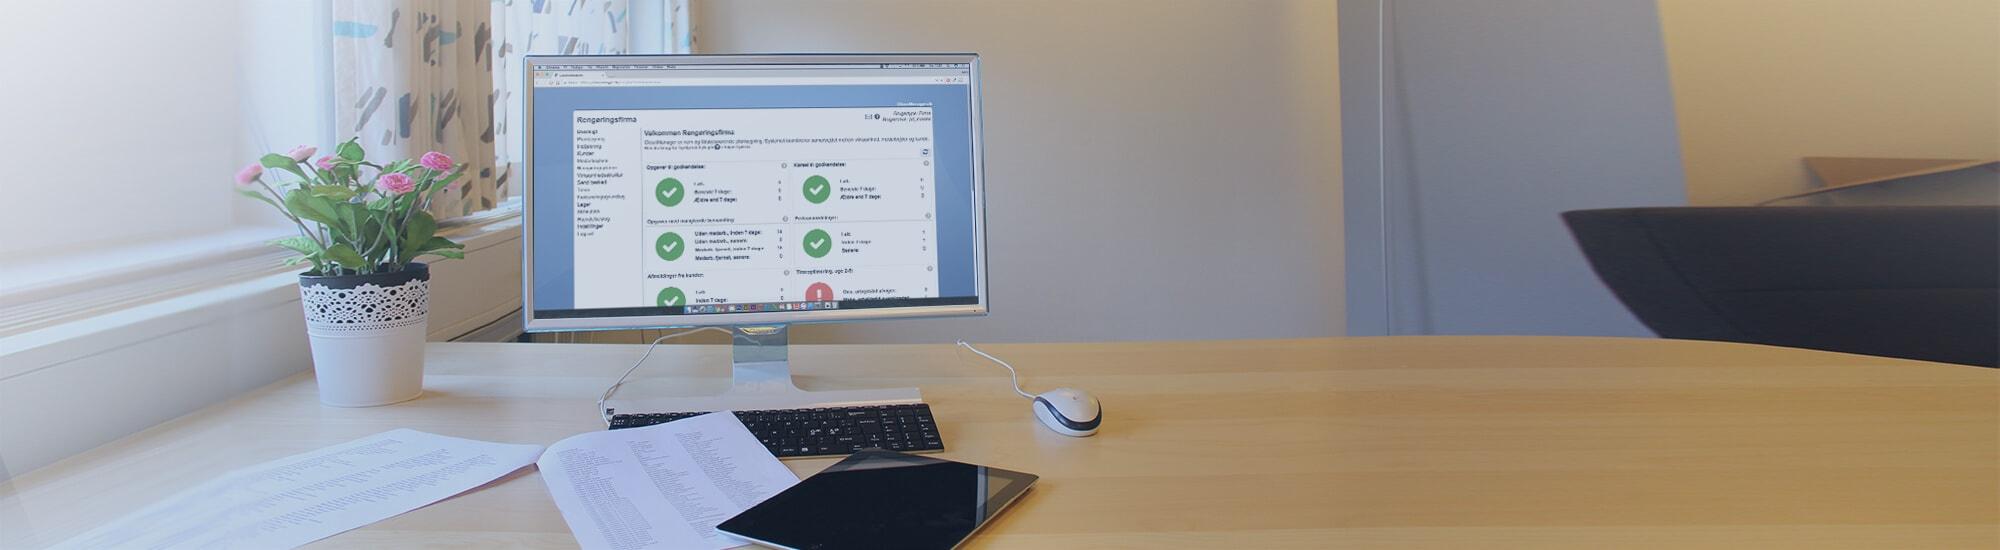 Computerskærm med tablet og papirer på skrivebord med CleanManager